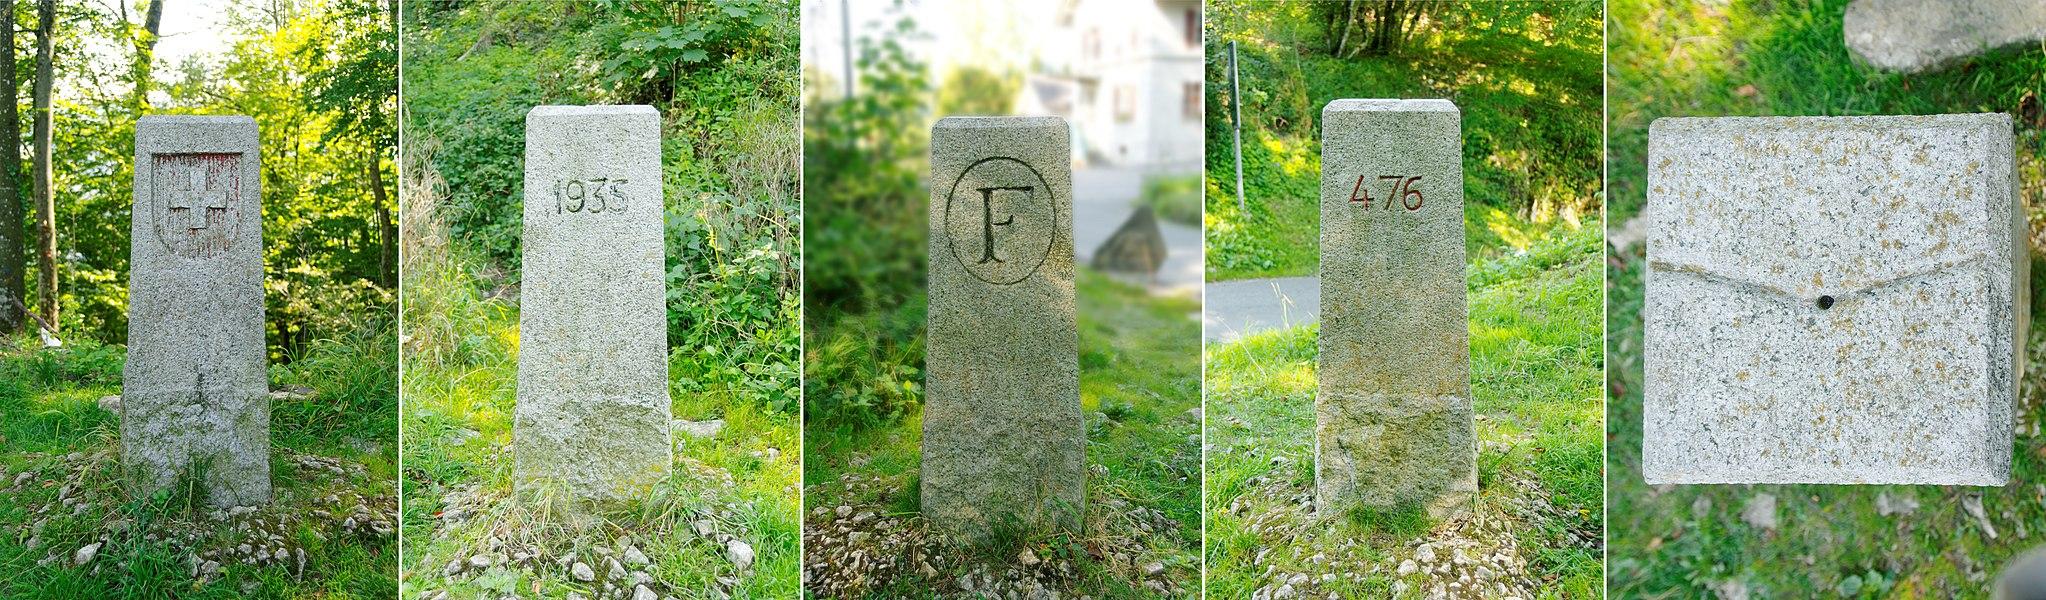 Borne frontière franco-suisse. De gauche à droite:    côté suisse  année de mise en place de la borne  côté français  numéro de la borne  sillon sommital